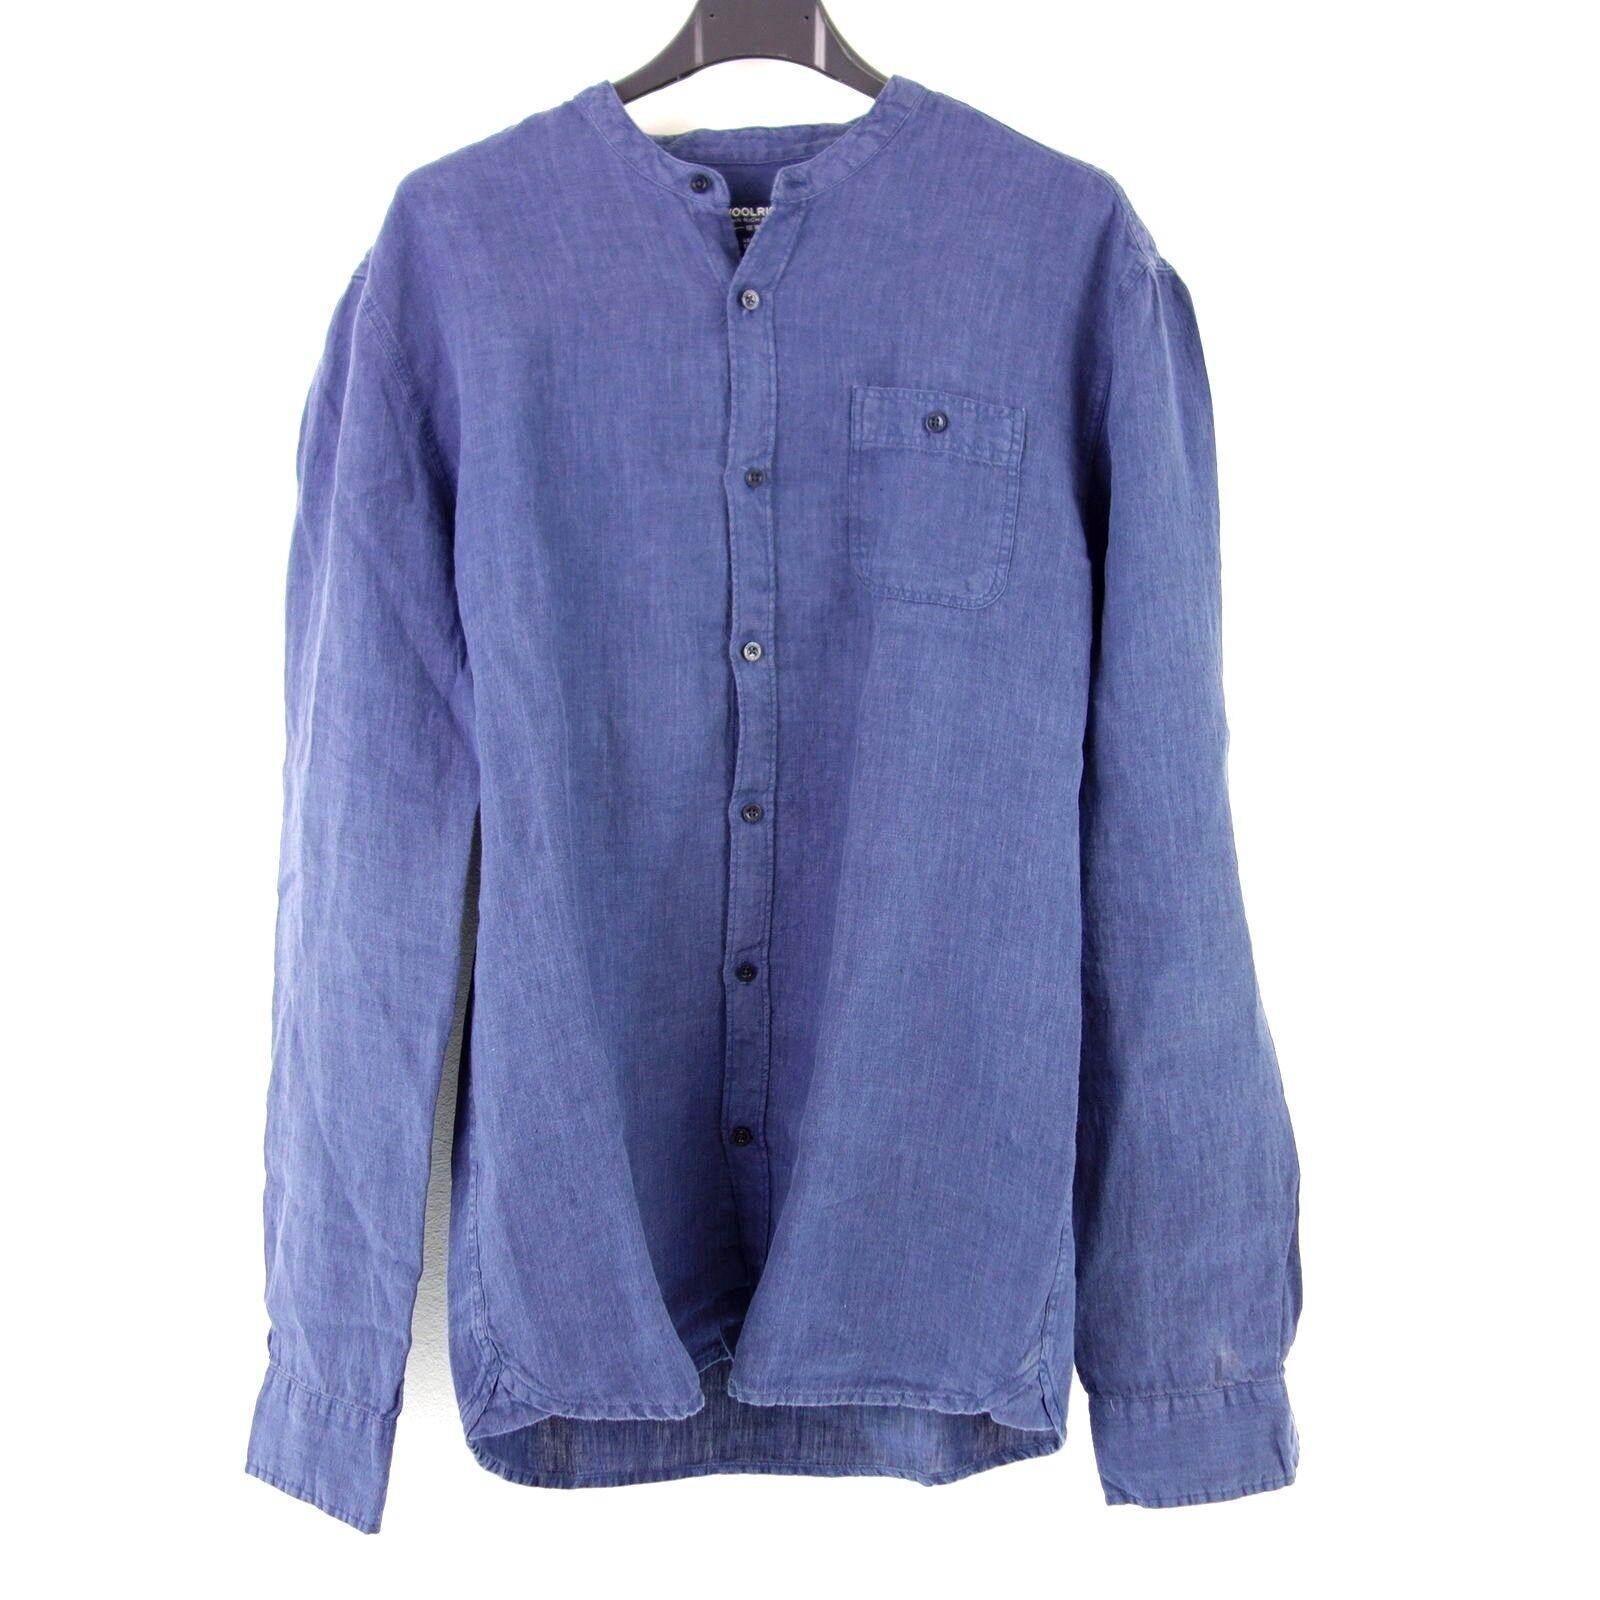 Woolrich camisa M L  azul puro lino lino camisa corean collar NP 140 nuevo  calidad oficial